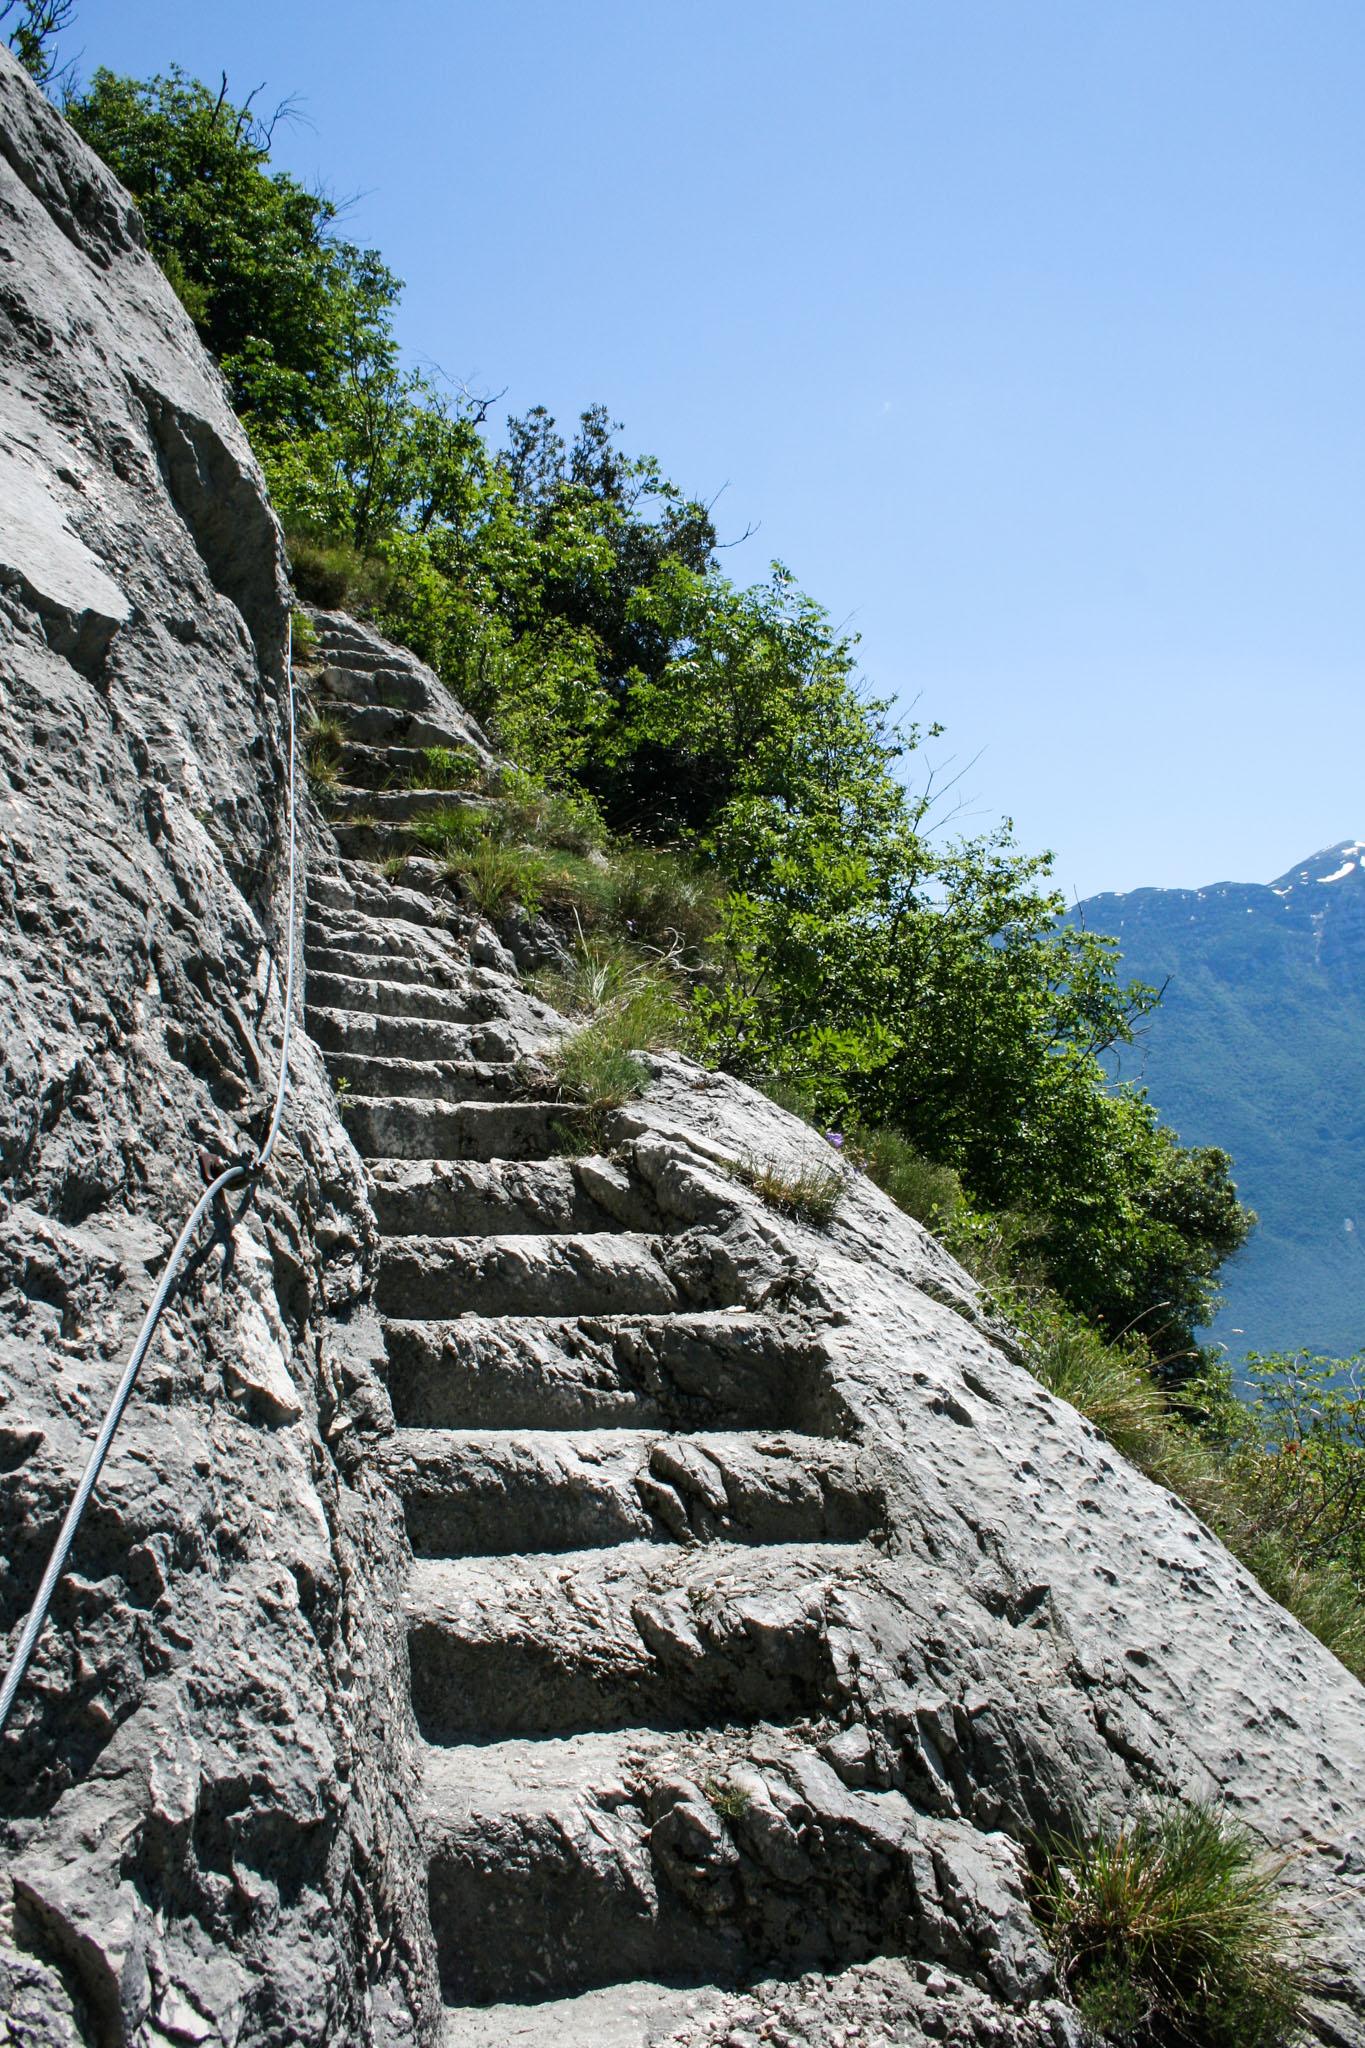 Hier geht's rauf und steil runter - Treppe zum Gipfel